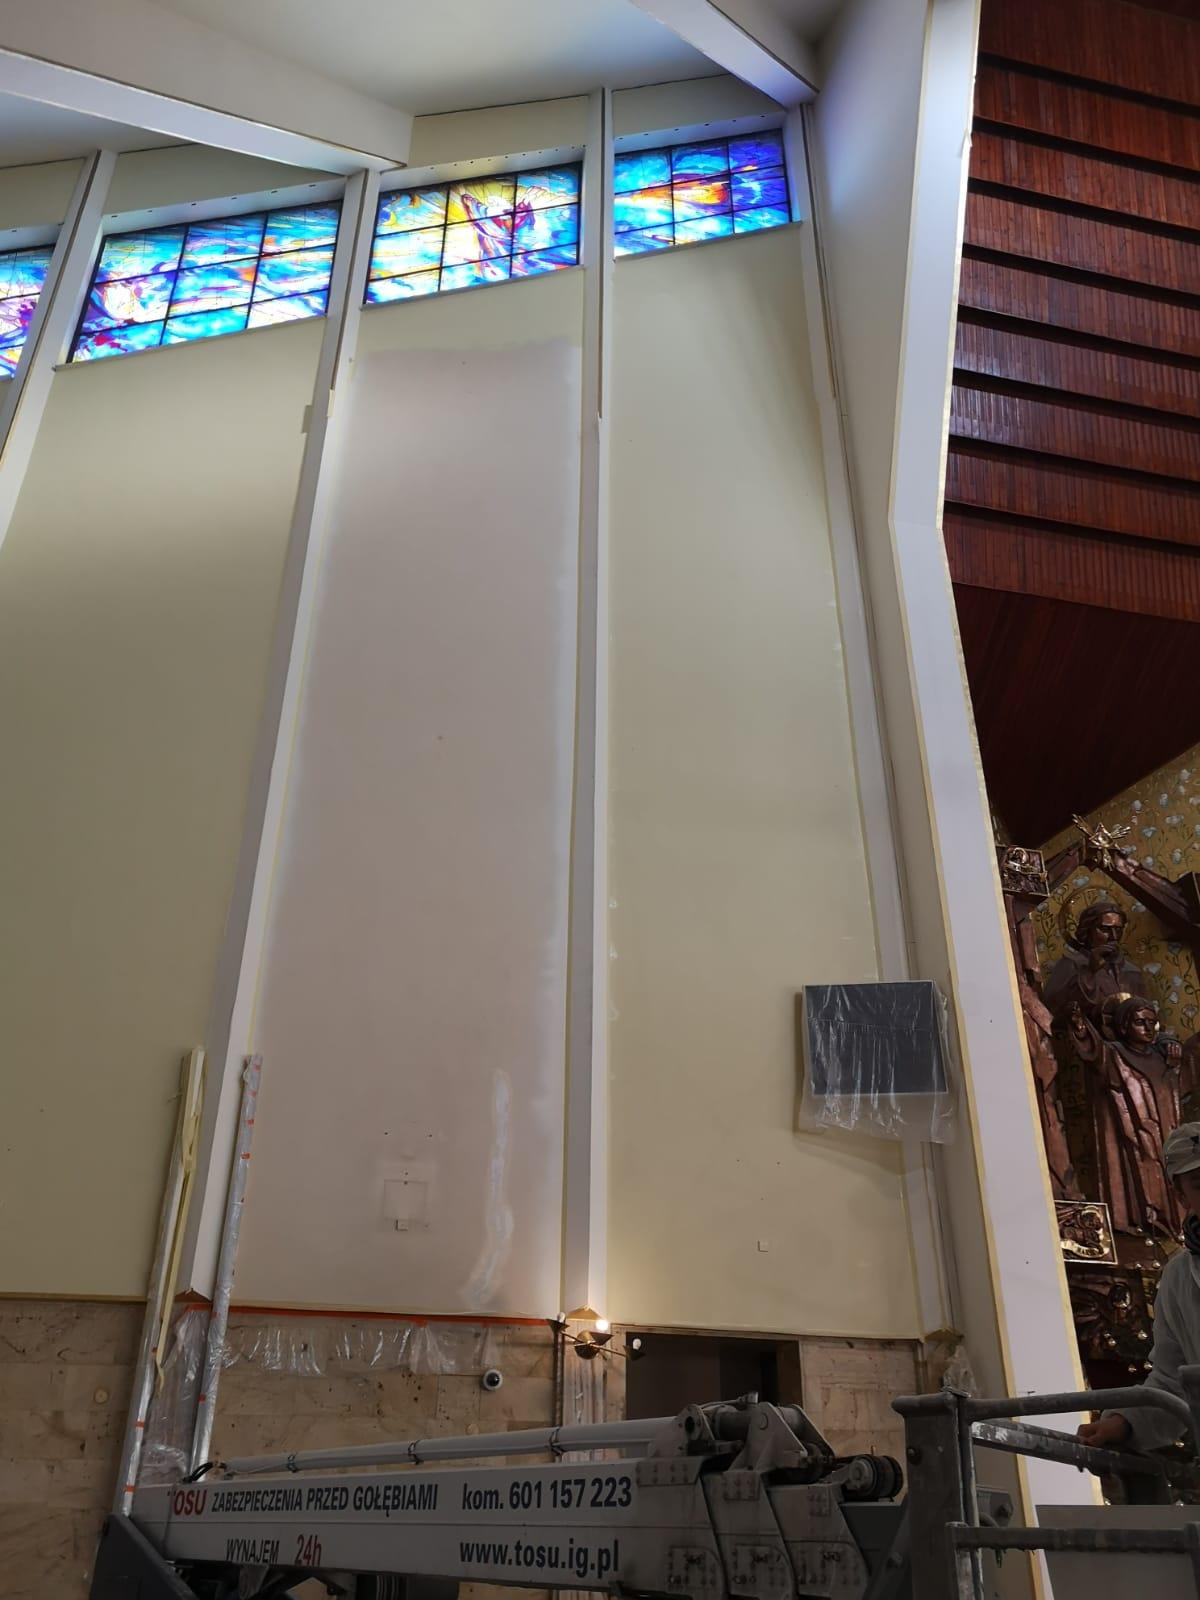 wsp-church-6